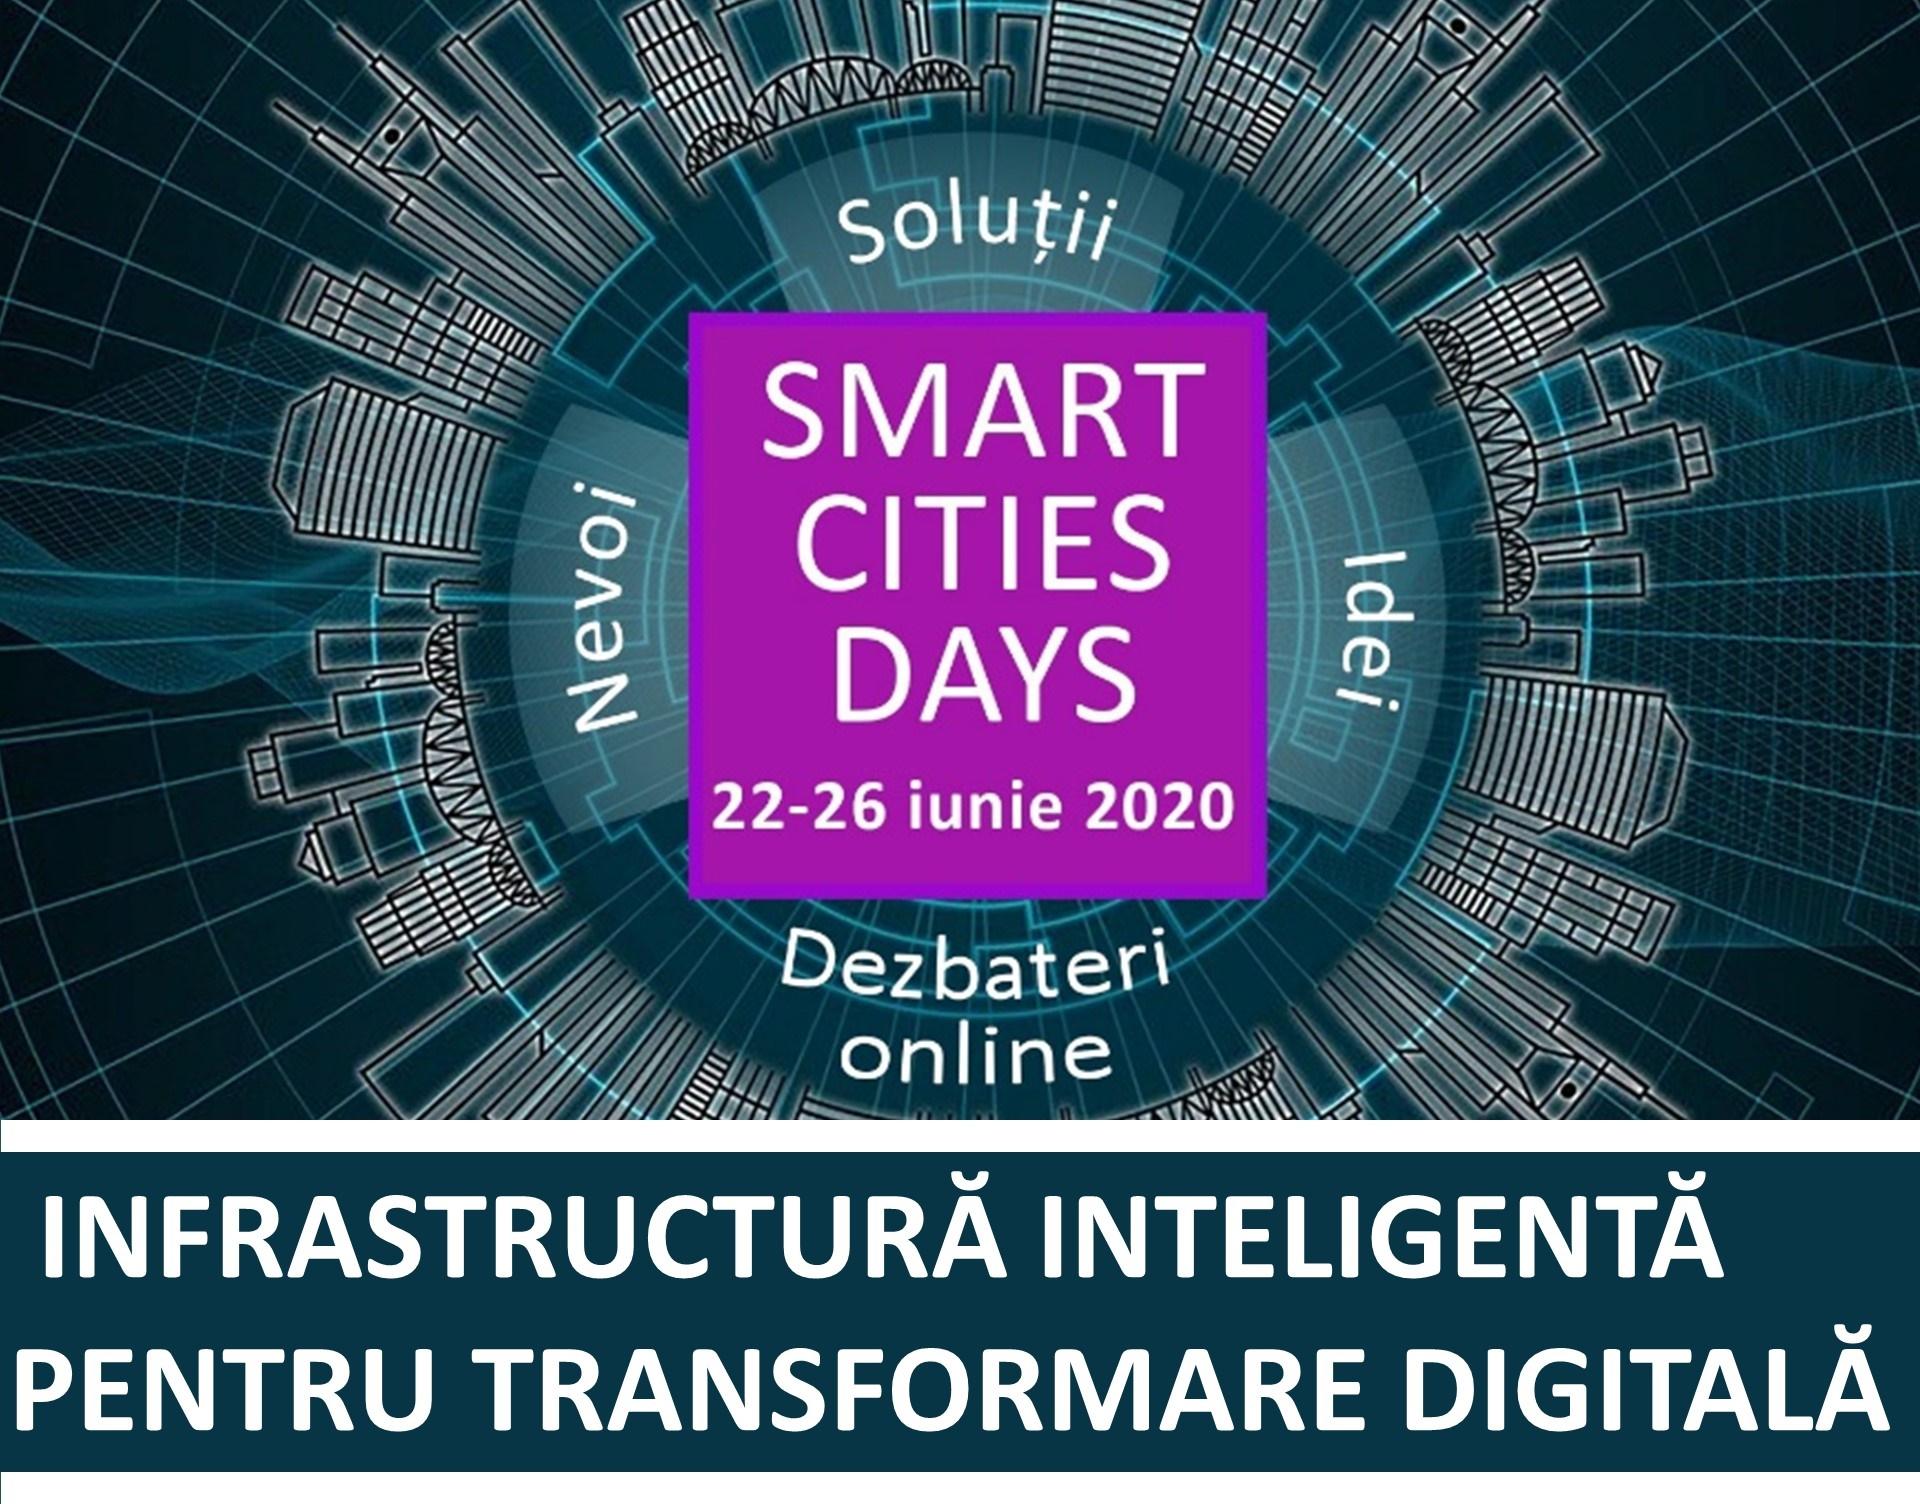 Smart Cities Days 2020: Infrastructură Inteligentă Pentru Transformare Digitală